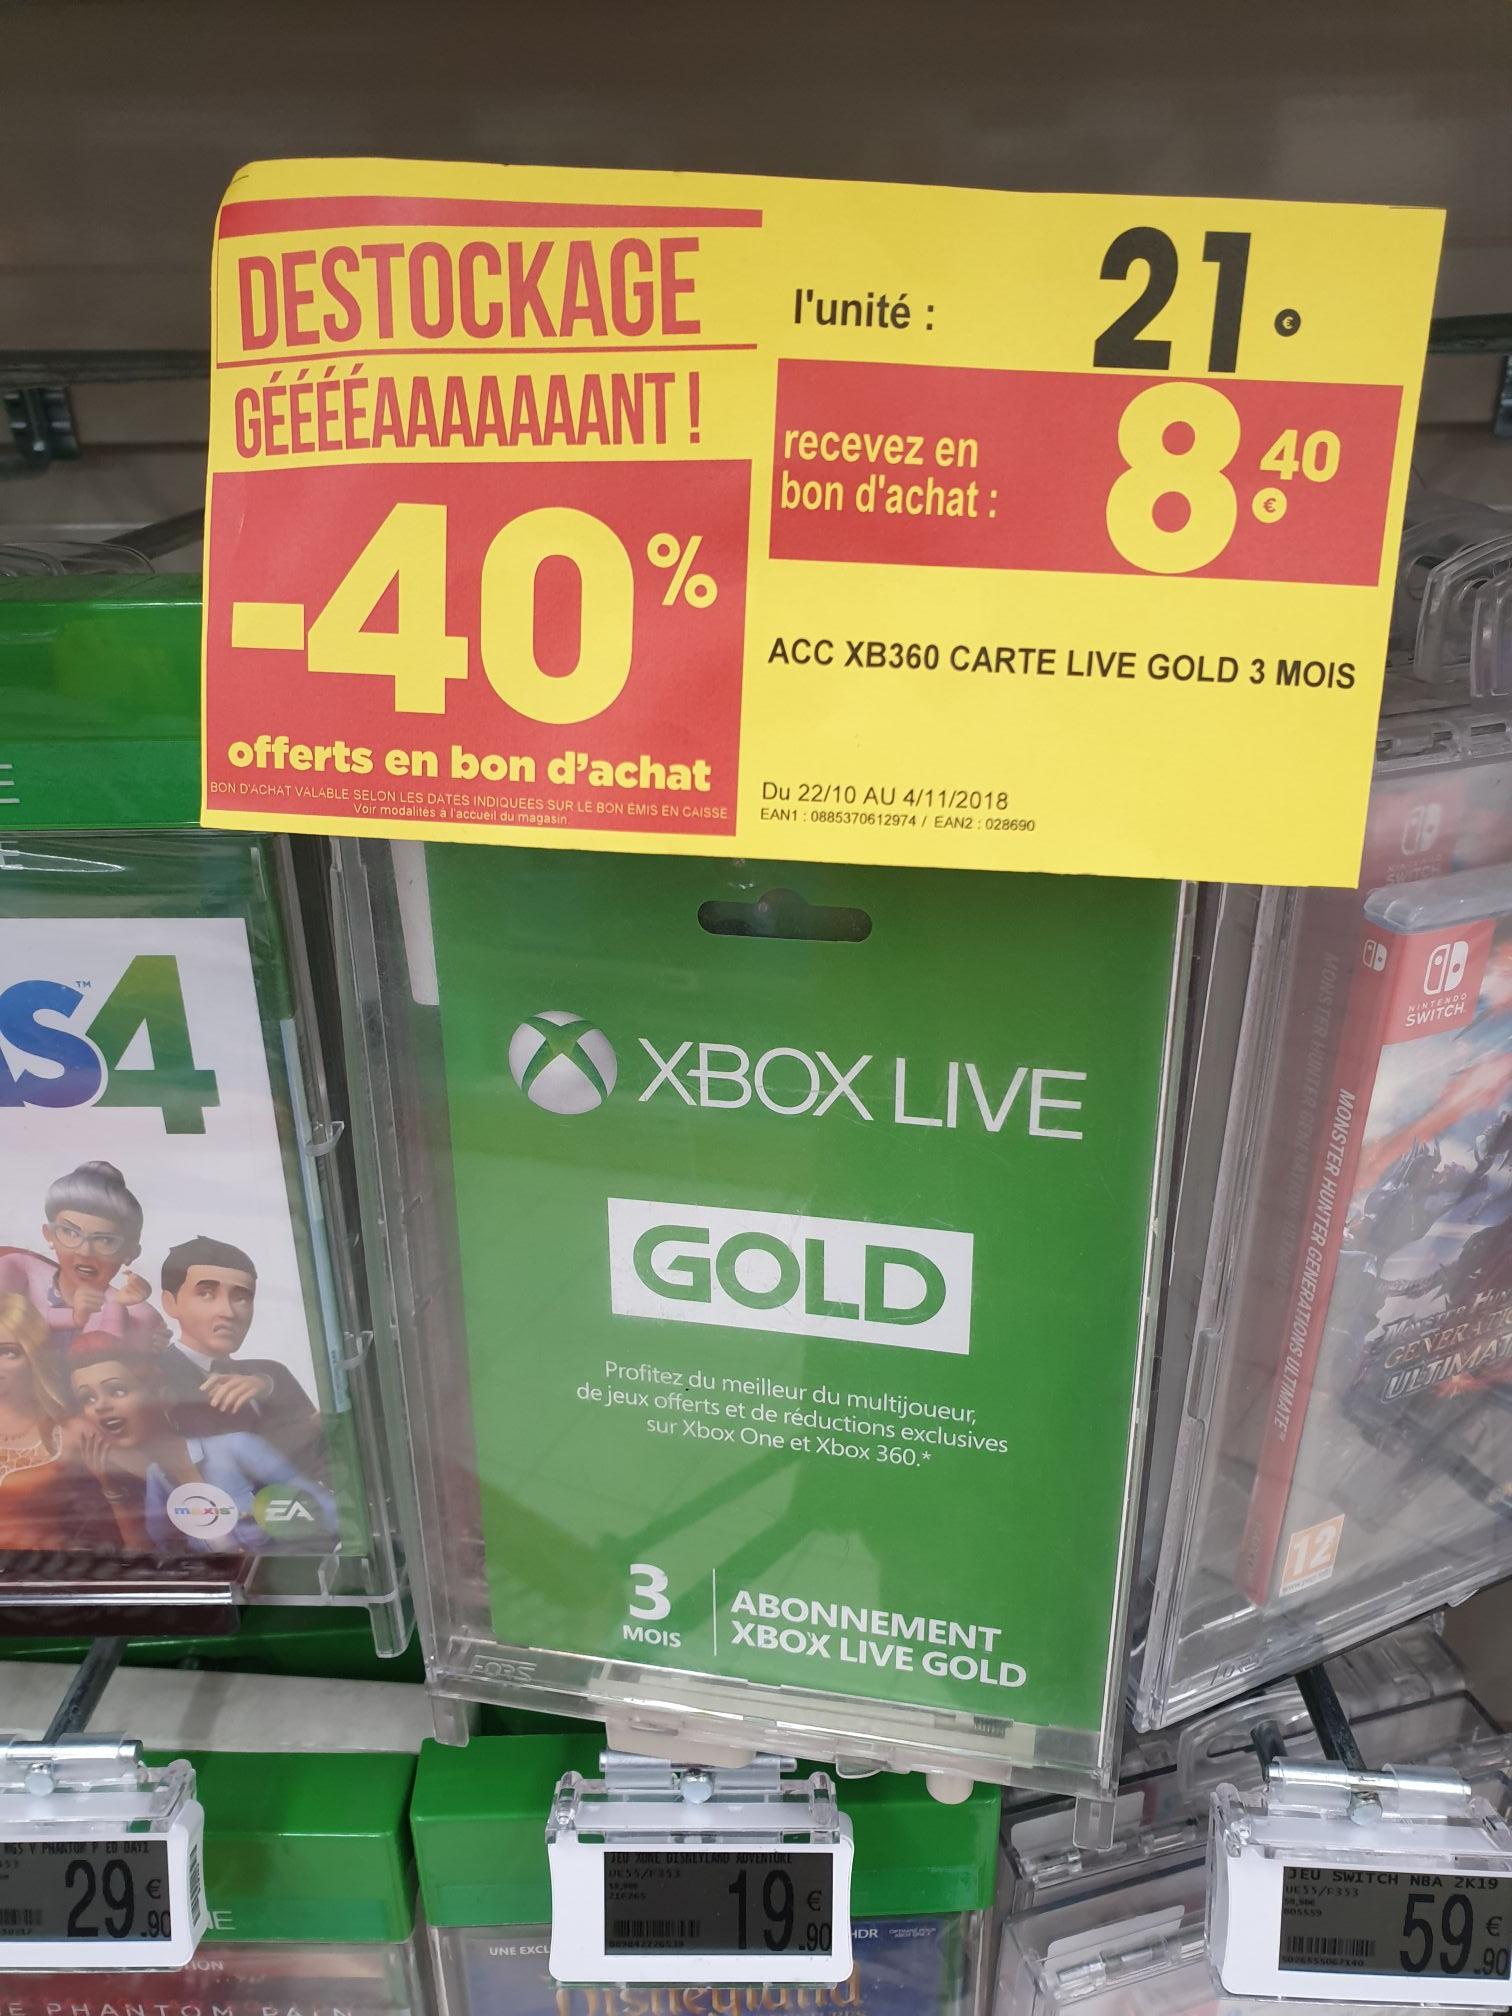 Abonnement de 3 mois au Xbox Live Gold (Via 8.40€ en bon d'achat) - Annemasse (74)